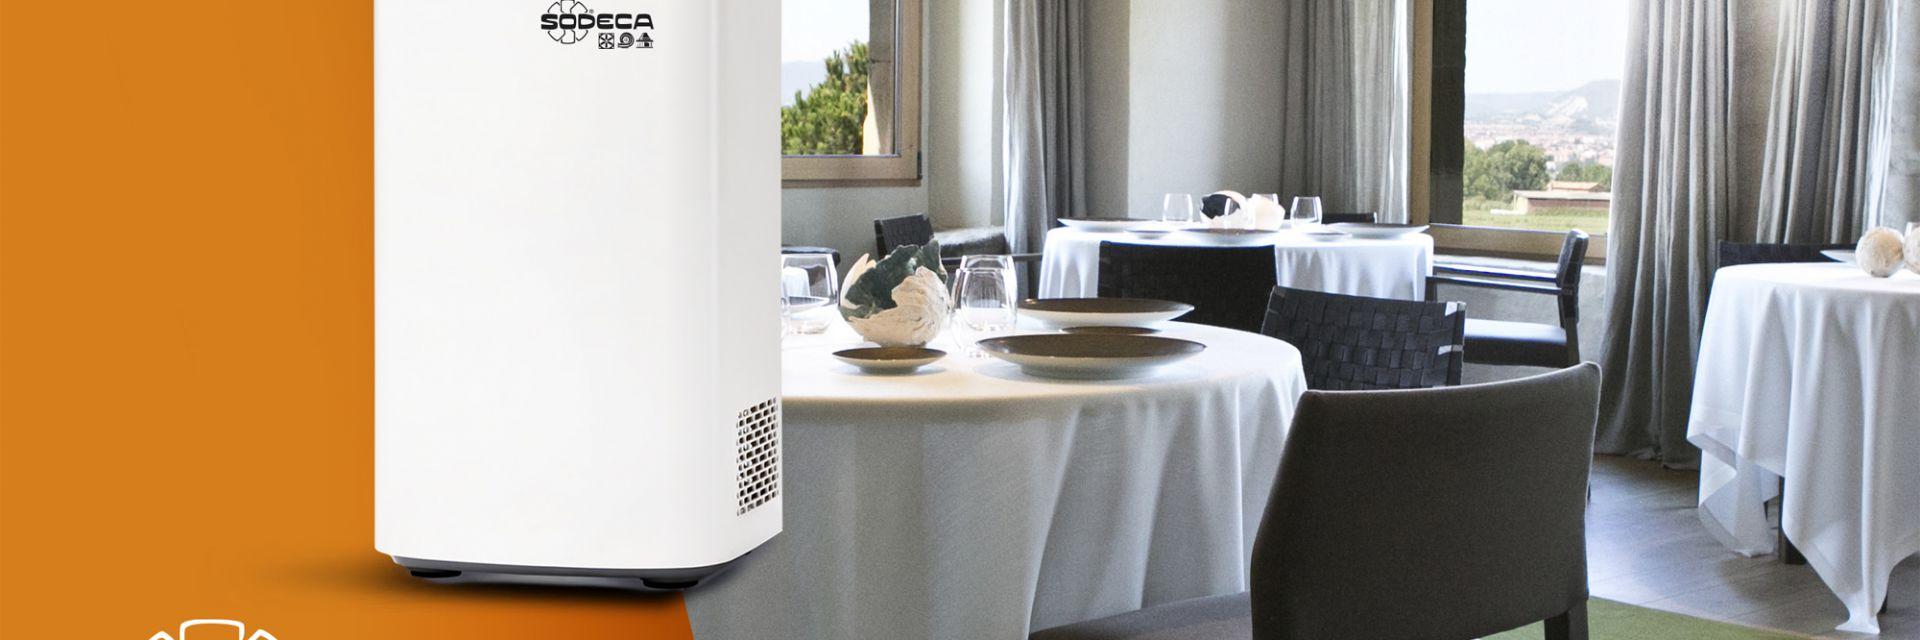 AirDog: Solución para la purificación del aire de Sodeca